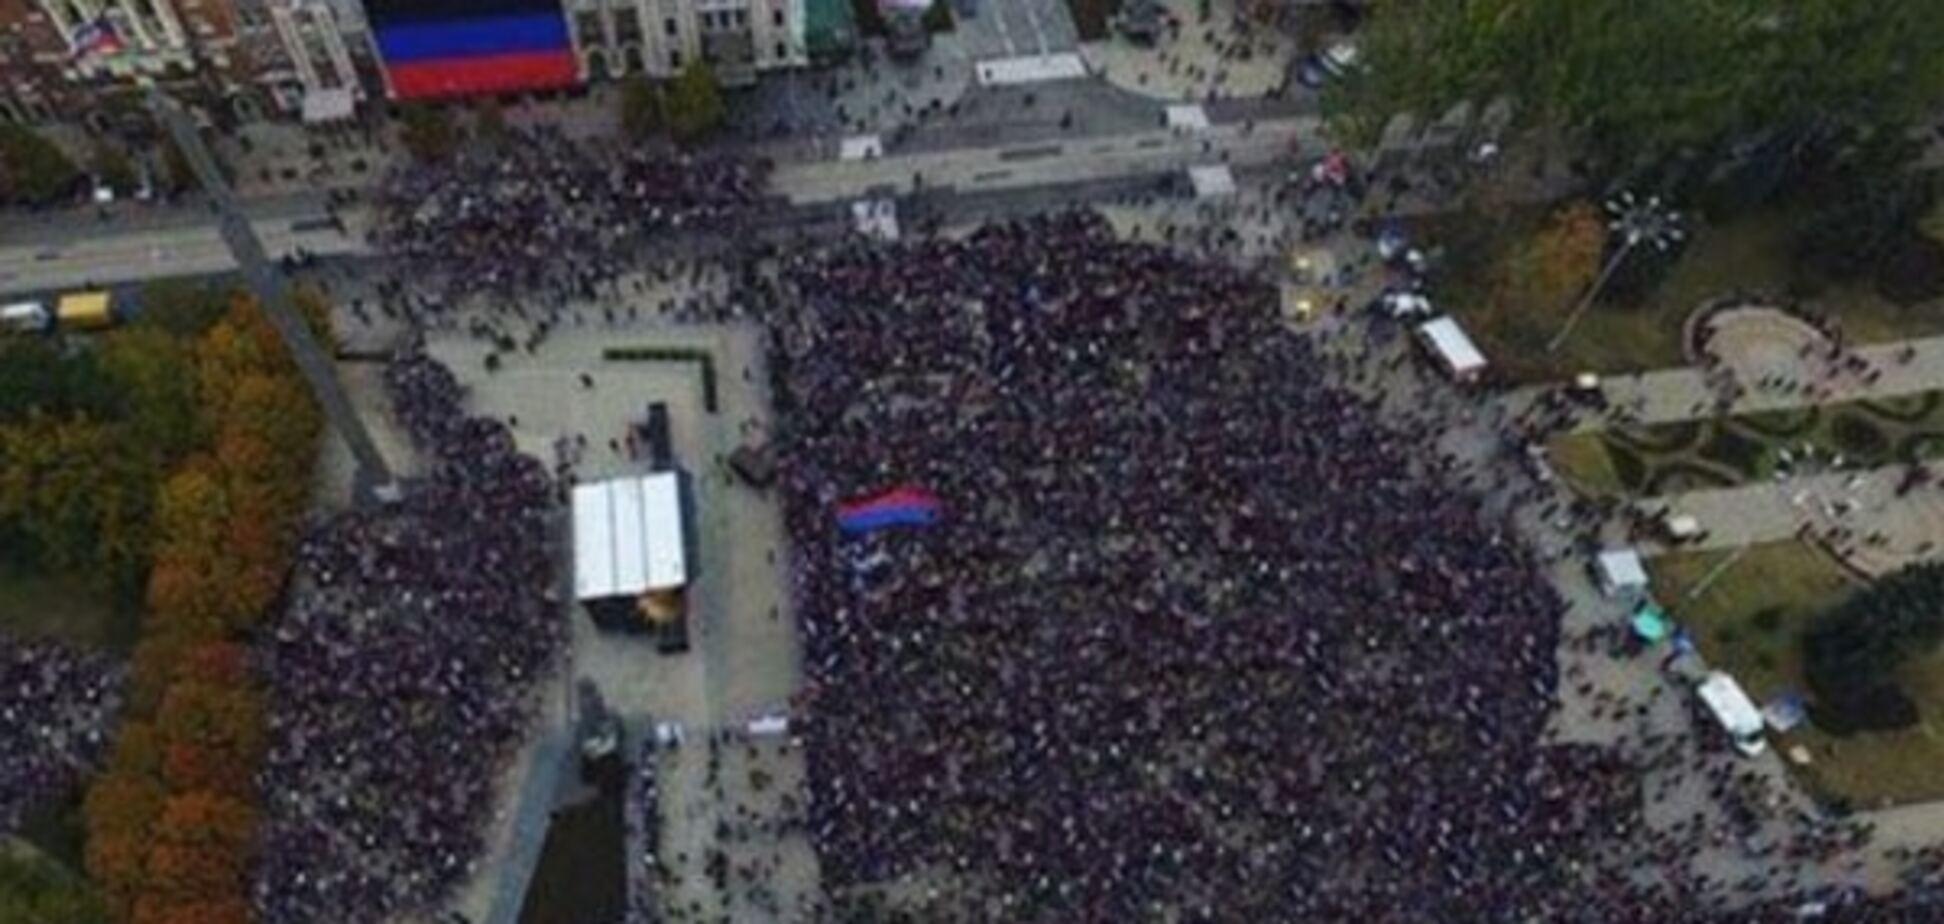 Террористы 'ДНР' нарисовали '150 тысяч людей' на 'день флага' в Донецке: фотофакт